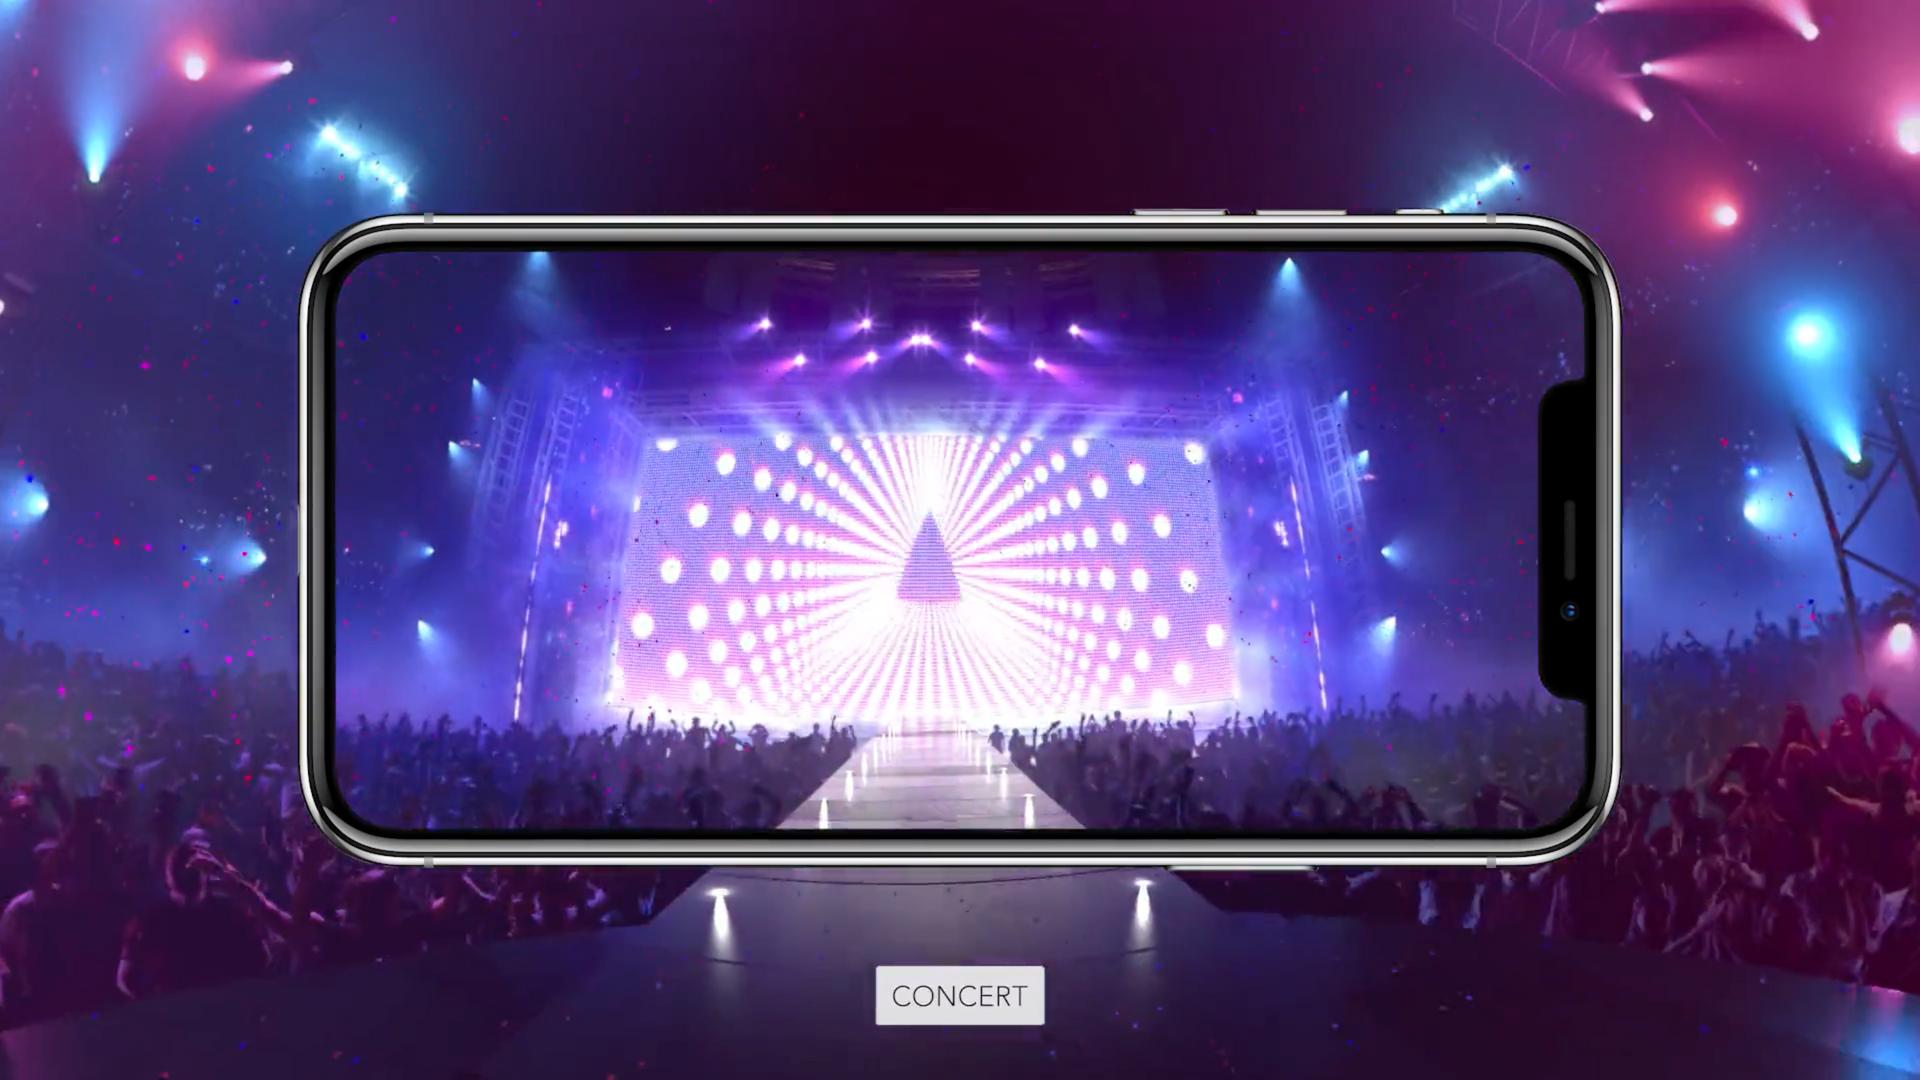 Screen Shot 2020-10-27 at 1.28.15 AM.png